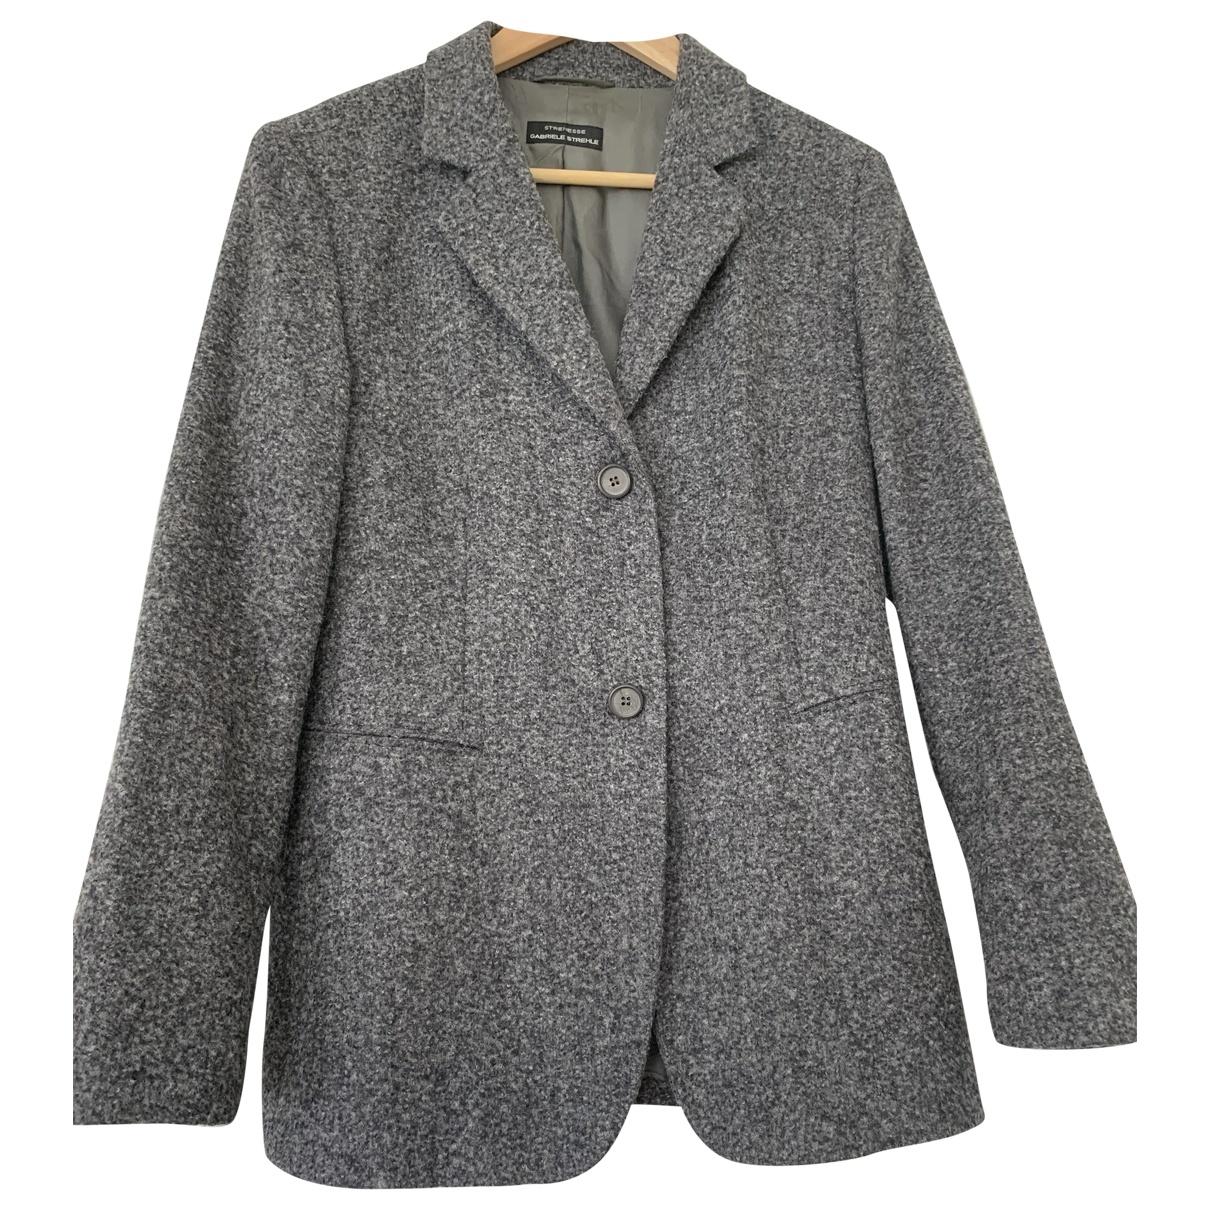 Strenesse \N Jacke in  Grau Wolle